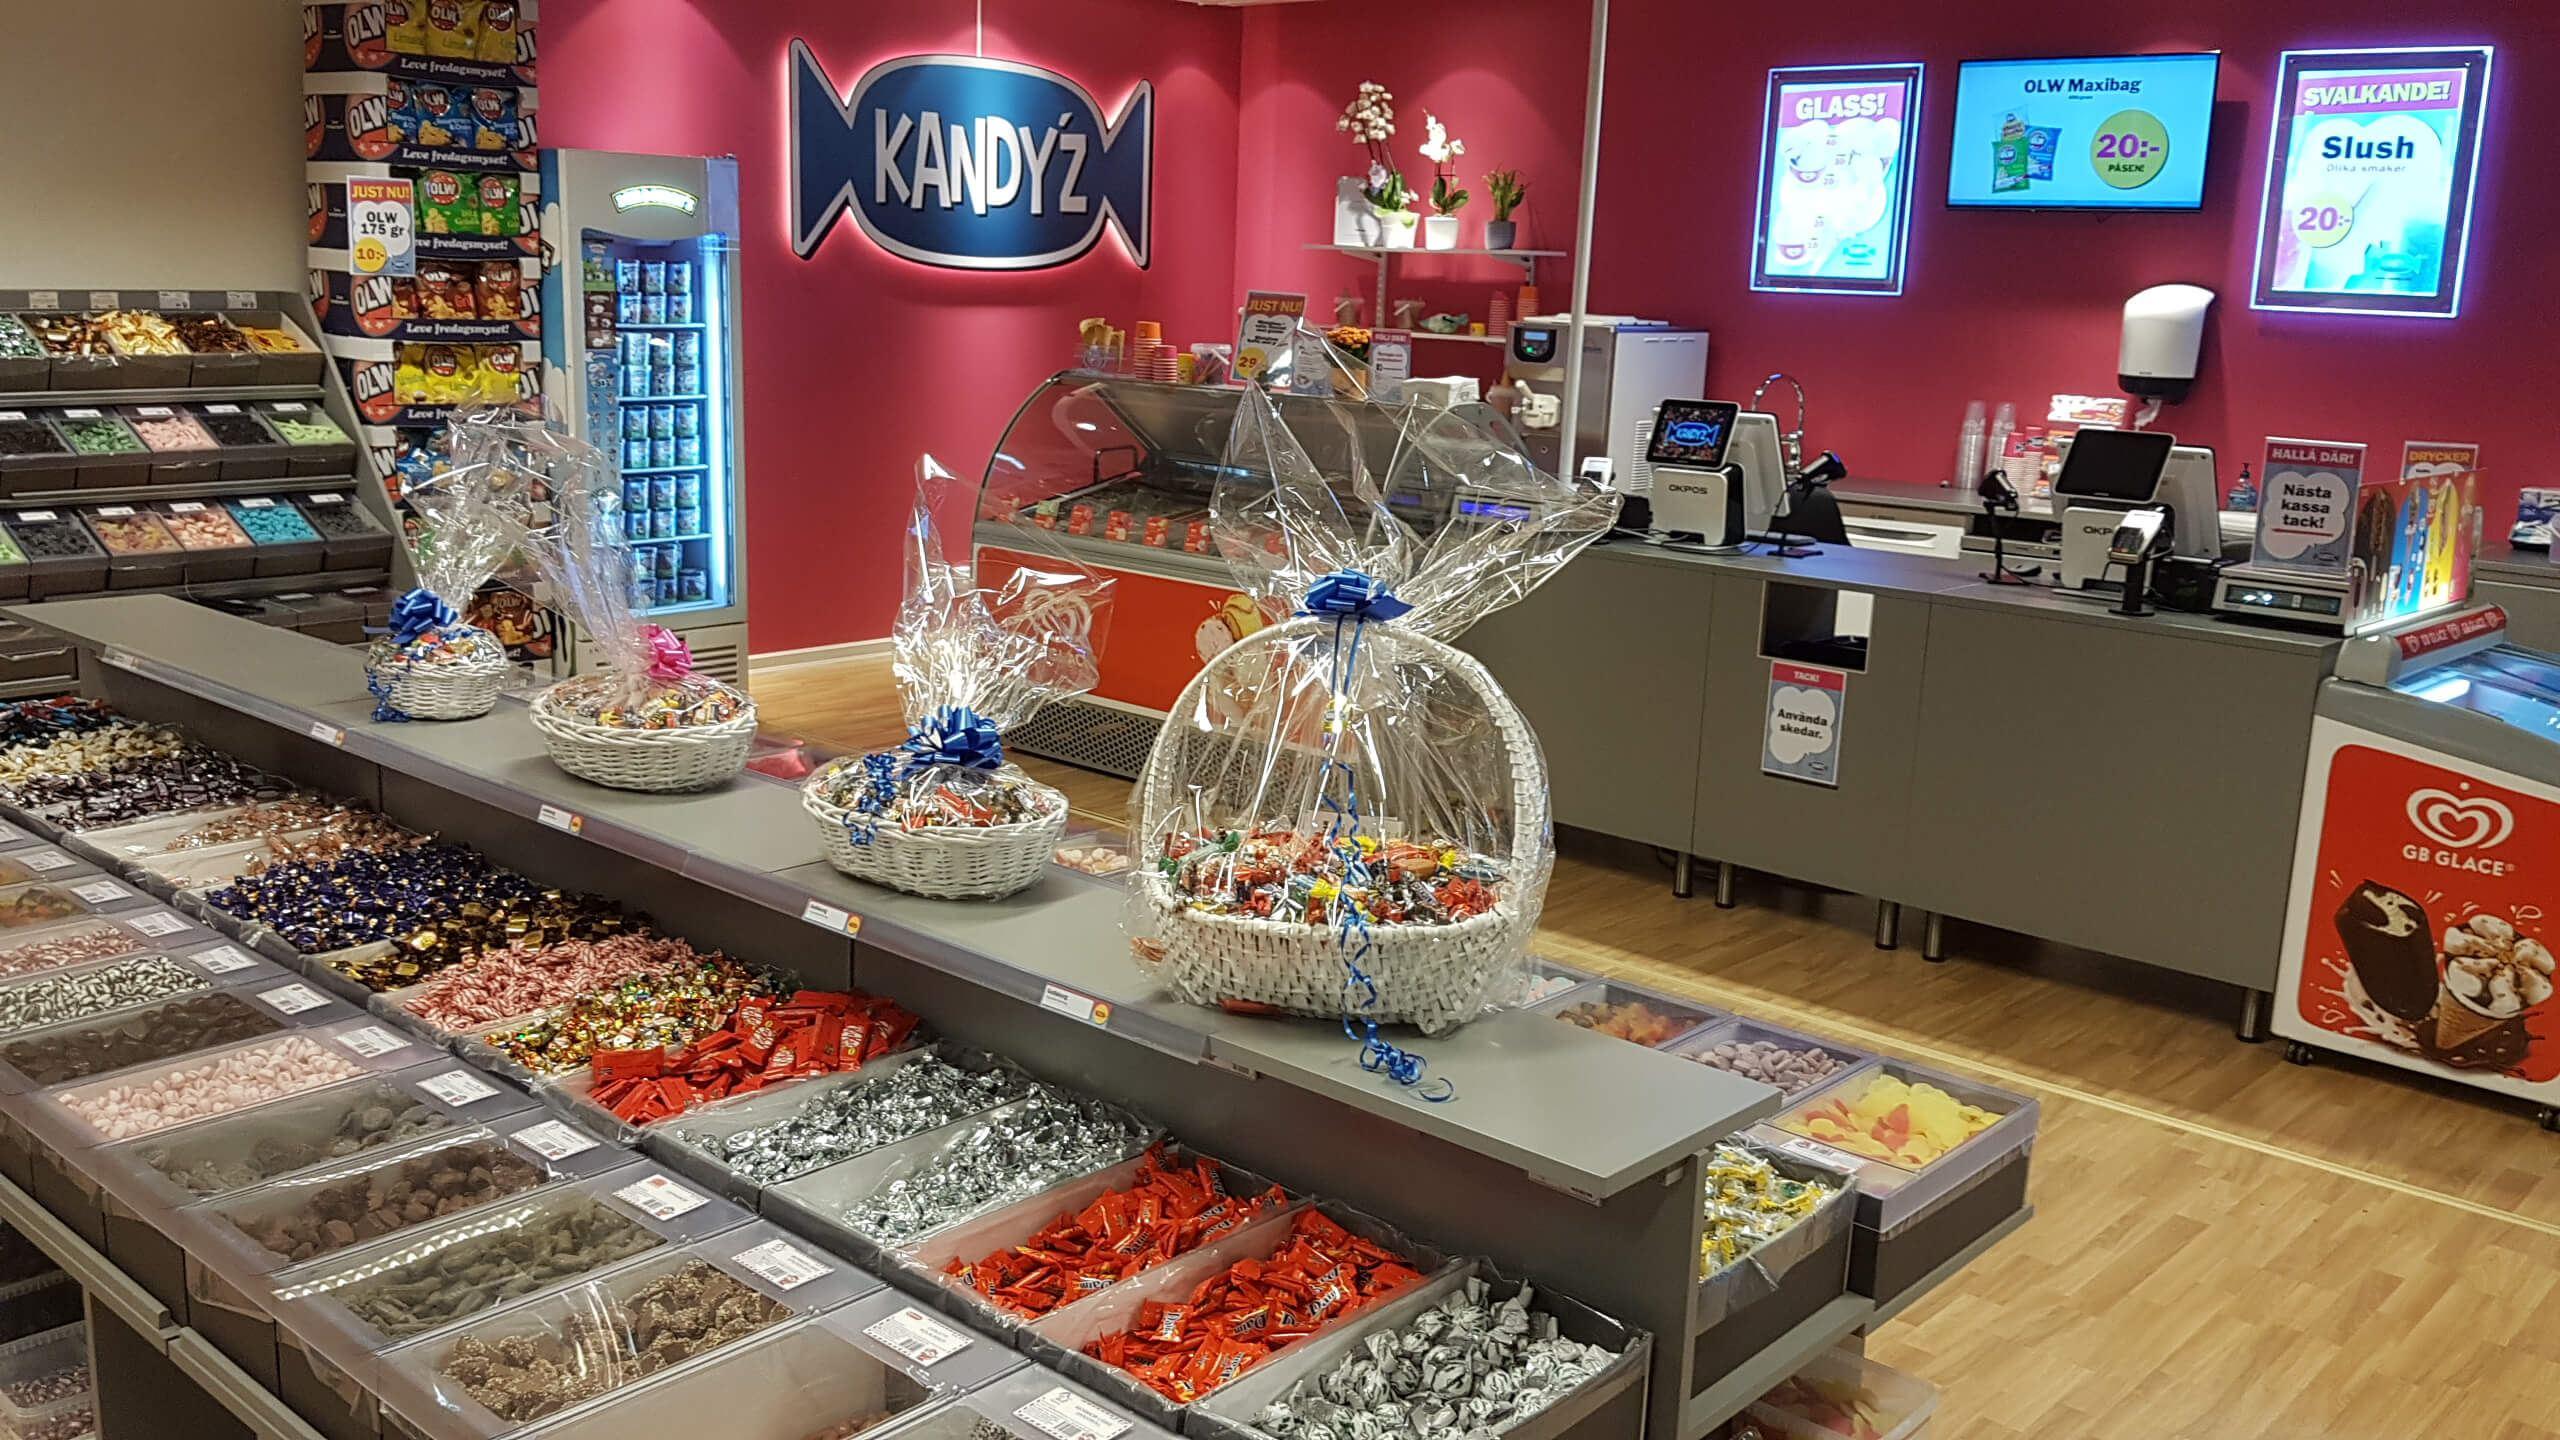 Foto: Kandy'z,  © Copy: Kandy'z, Sweets